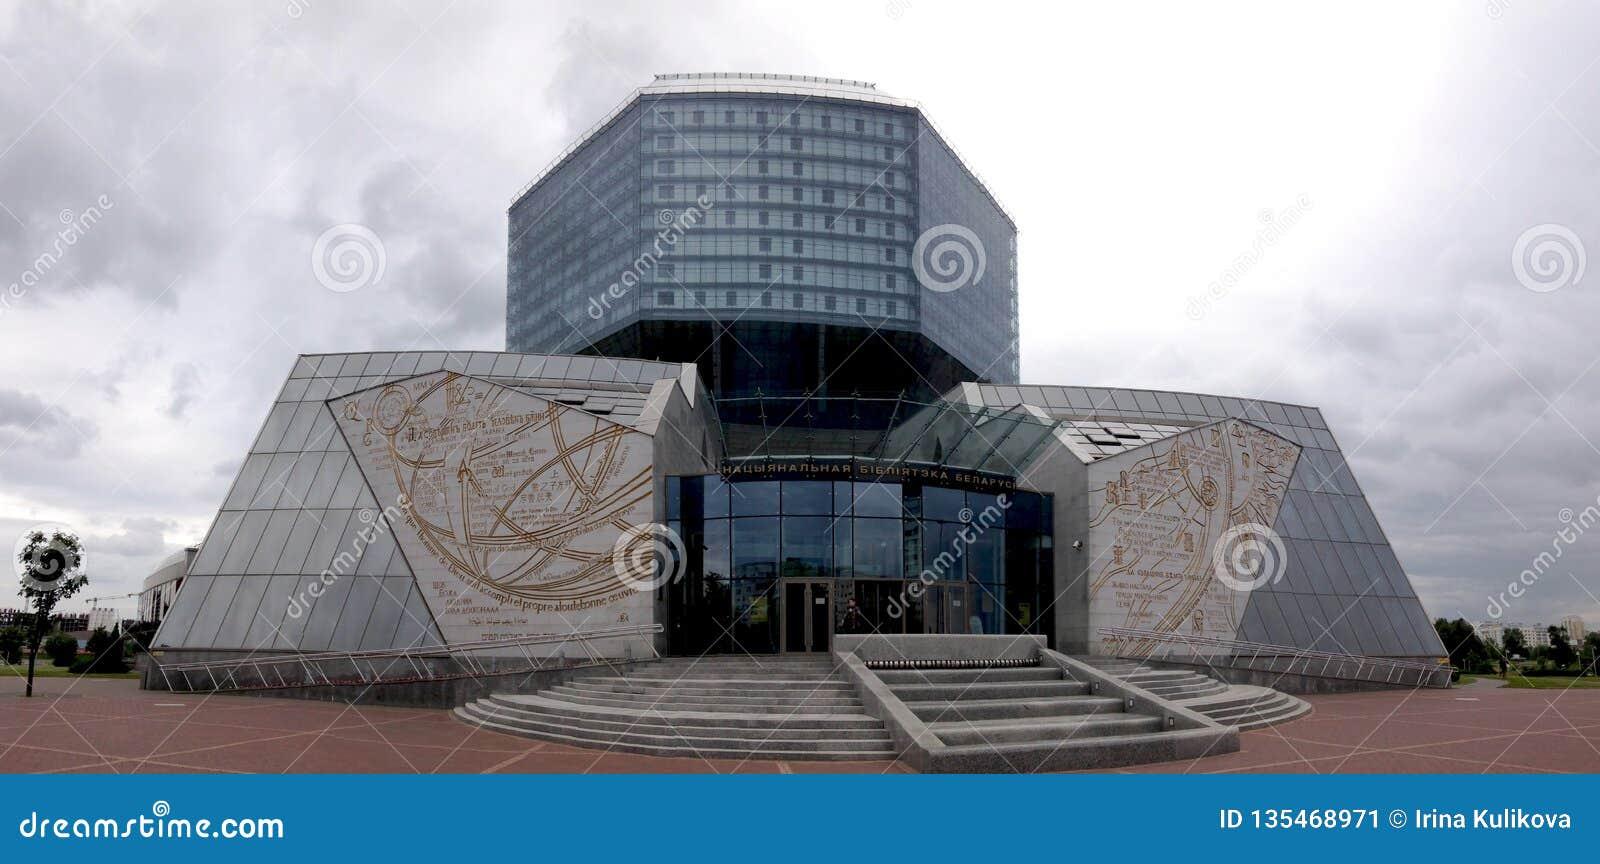 米斯克,白俄罗斯- 2014年6月12日:白俄罗斯,米斯克的国立图书馆的现代大厦 正面图